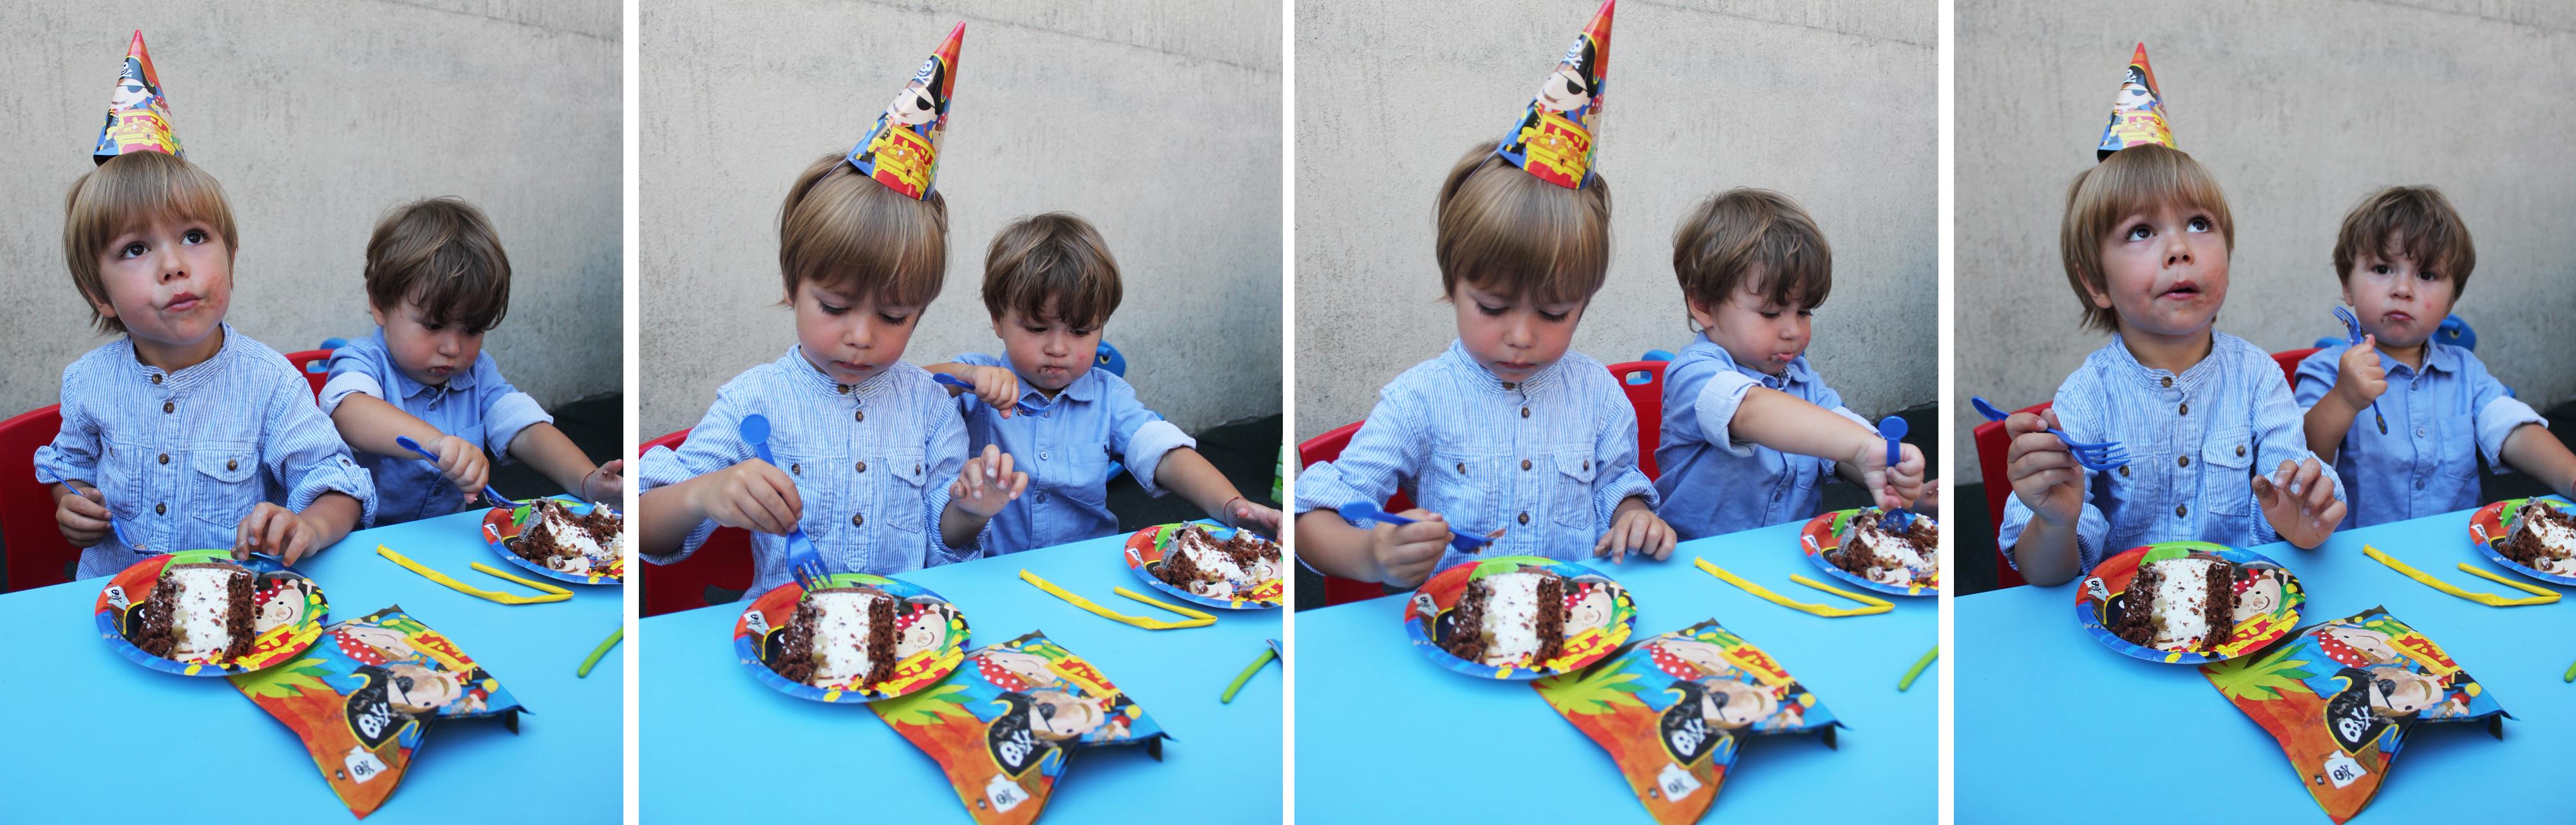 tudor si victor copii mananca tort petrecere gradinita